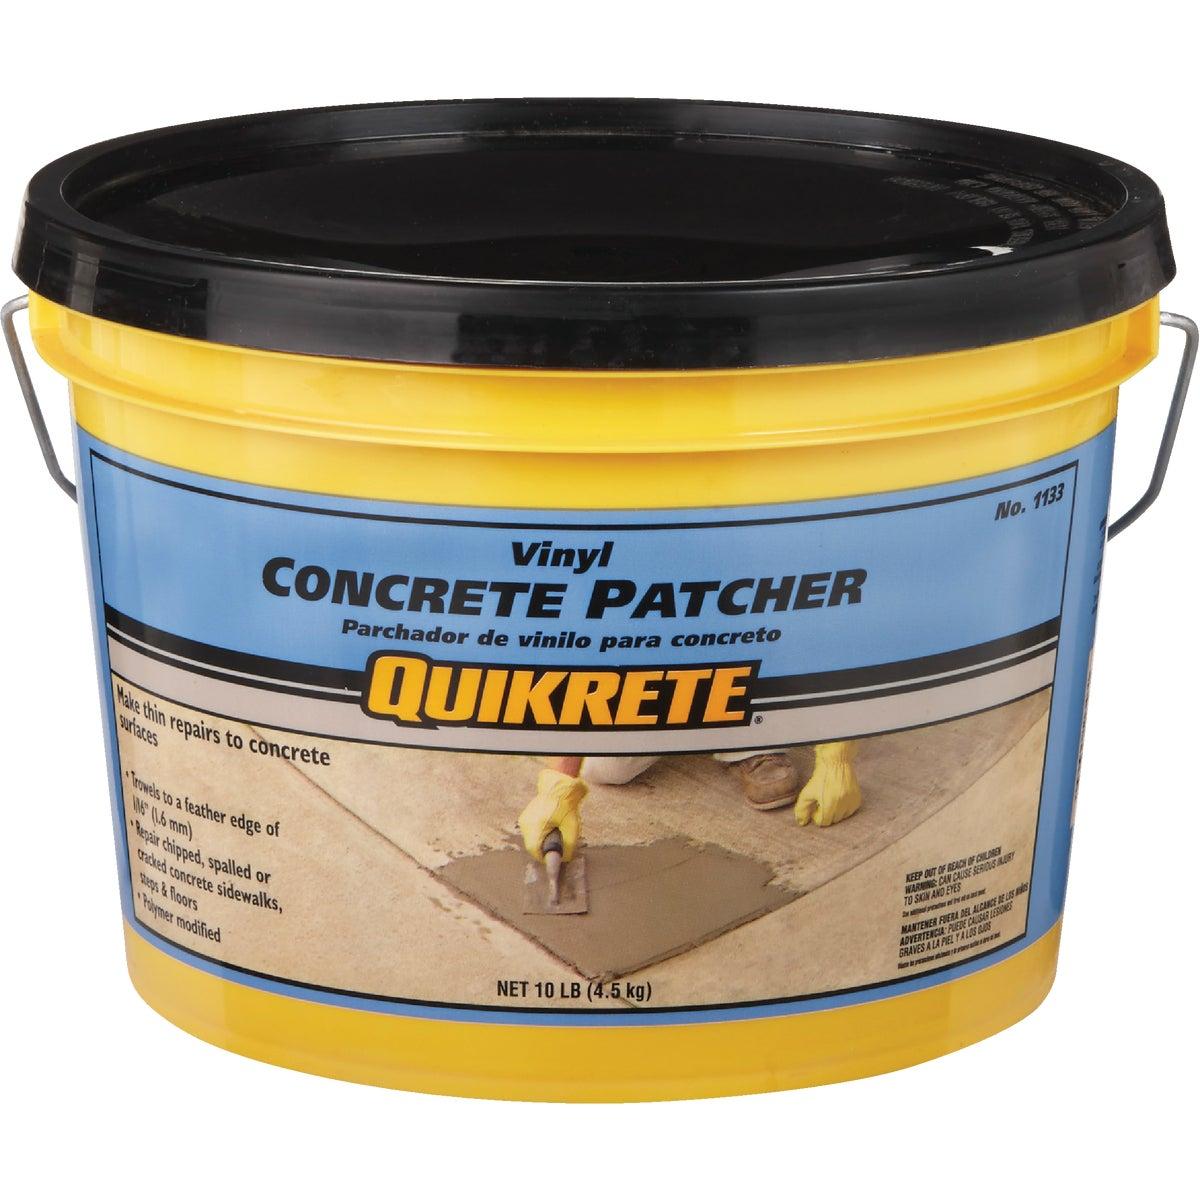 10LB VINYL CONCR PATCHER - 1133-11 by Quikrete Co